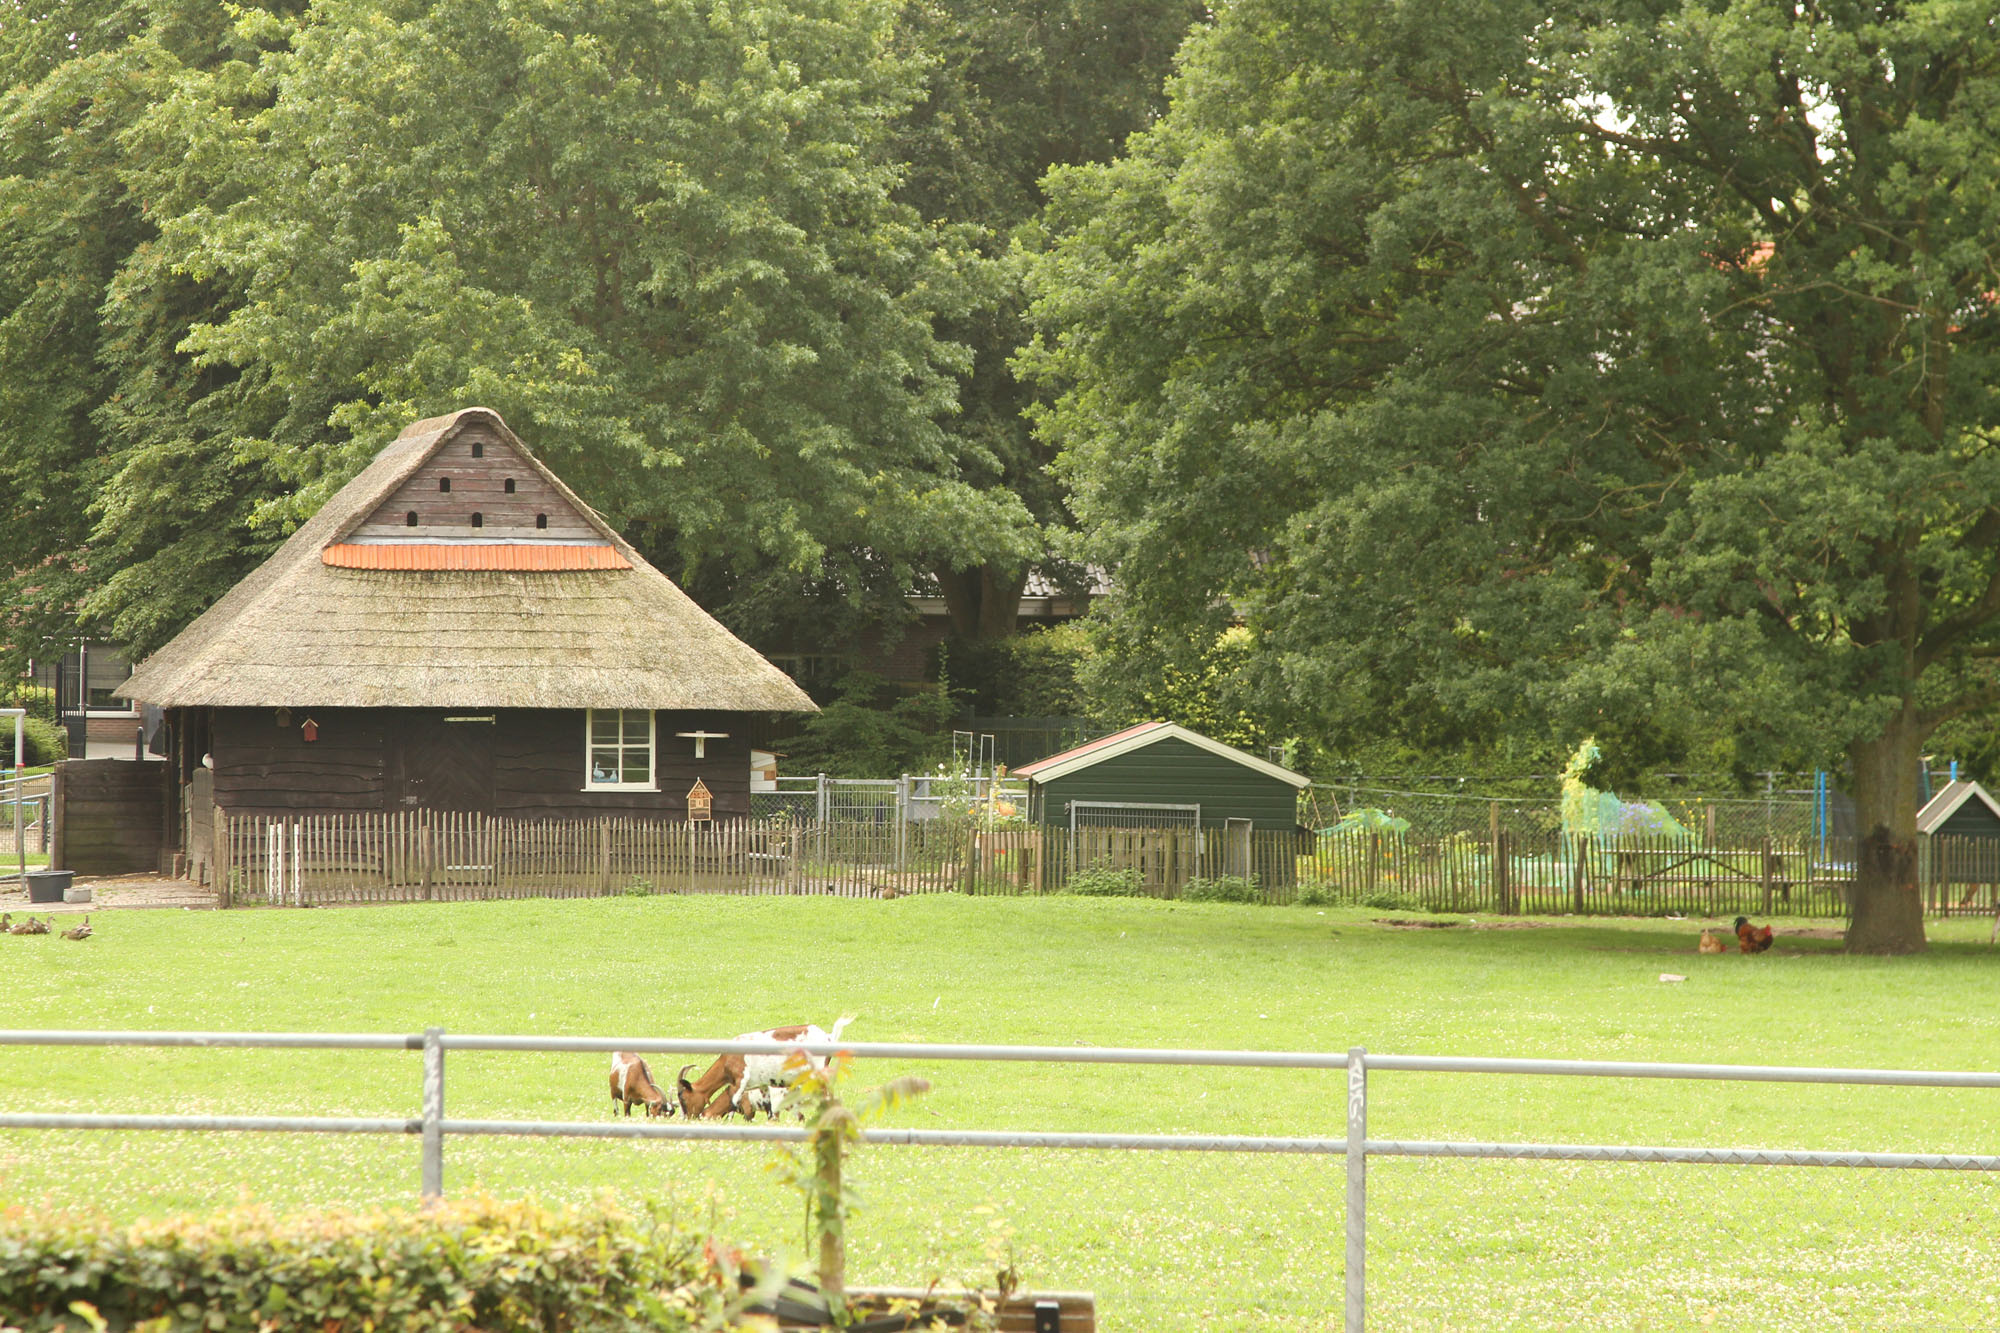 kinderboerderij-park-eekhout-zwolle